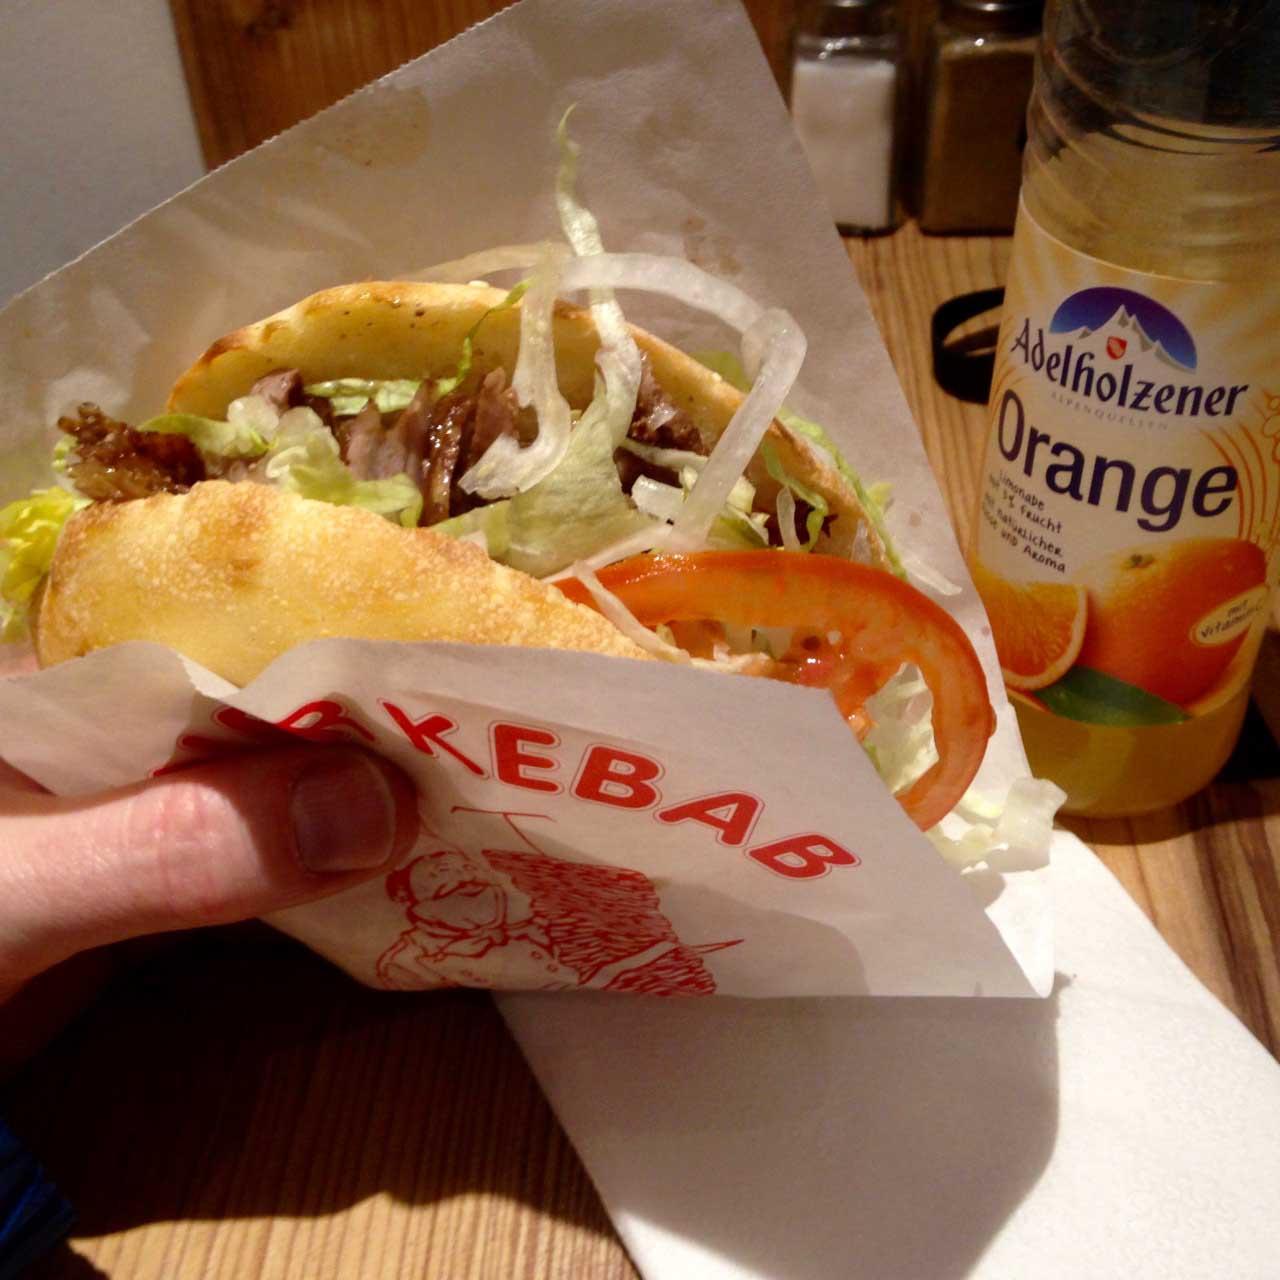 Kult Kebap sandwich